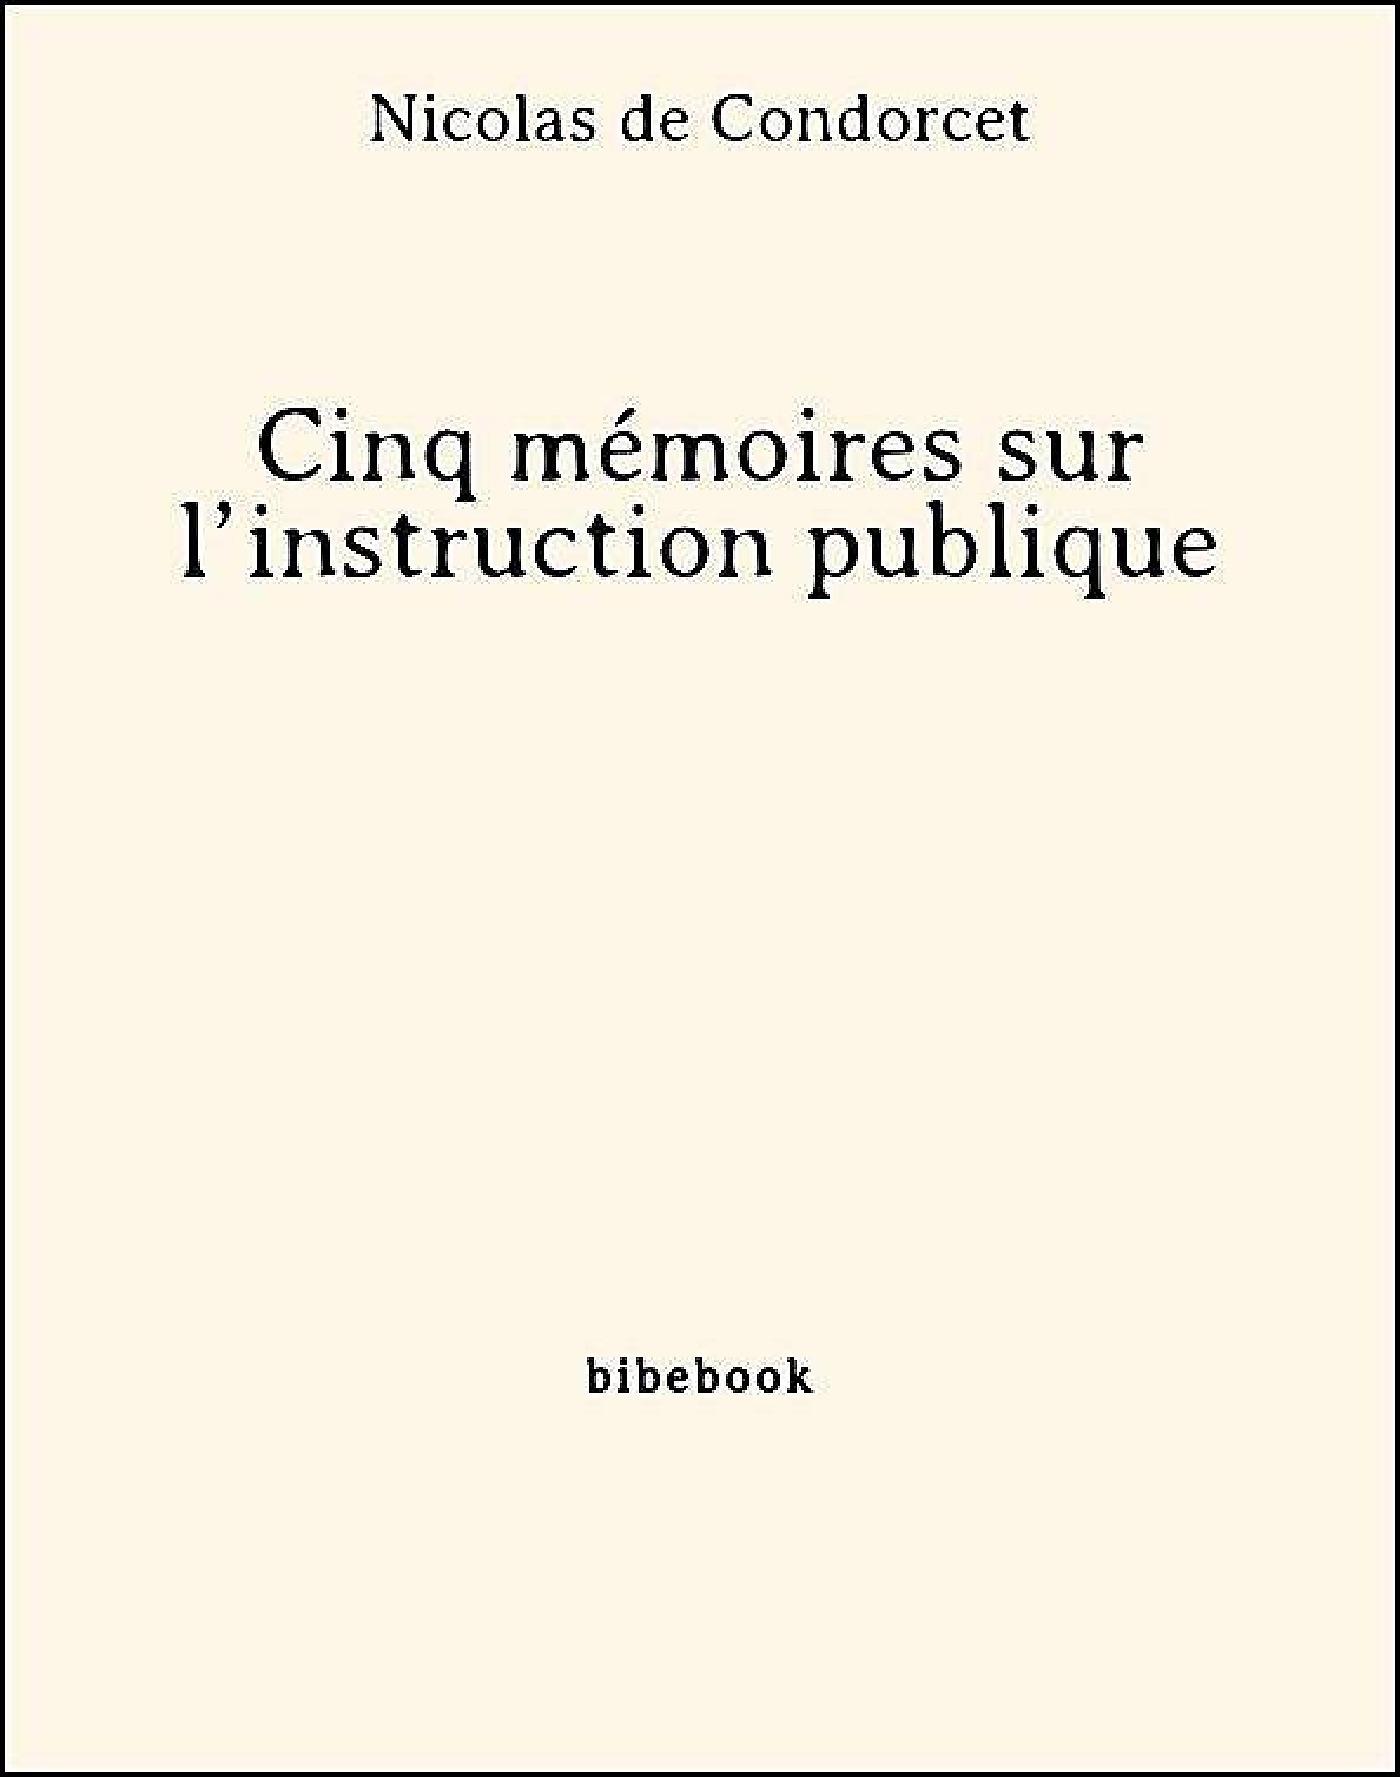 Cinq mémoires sur l´instruction publique